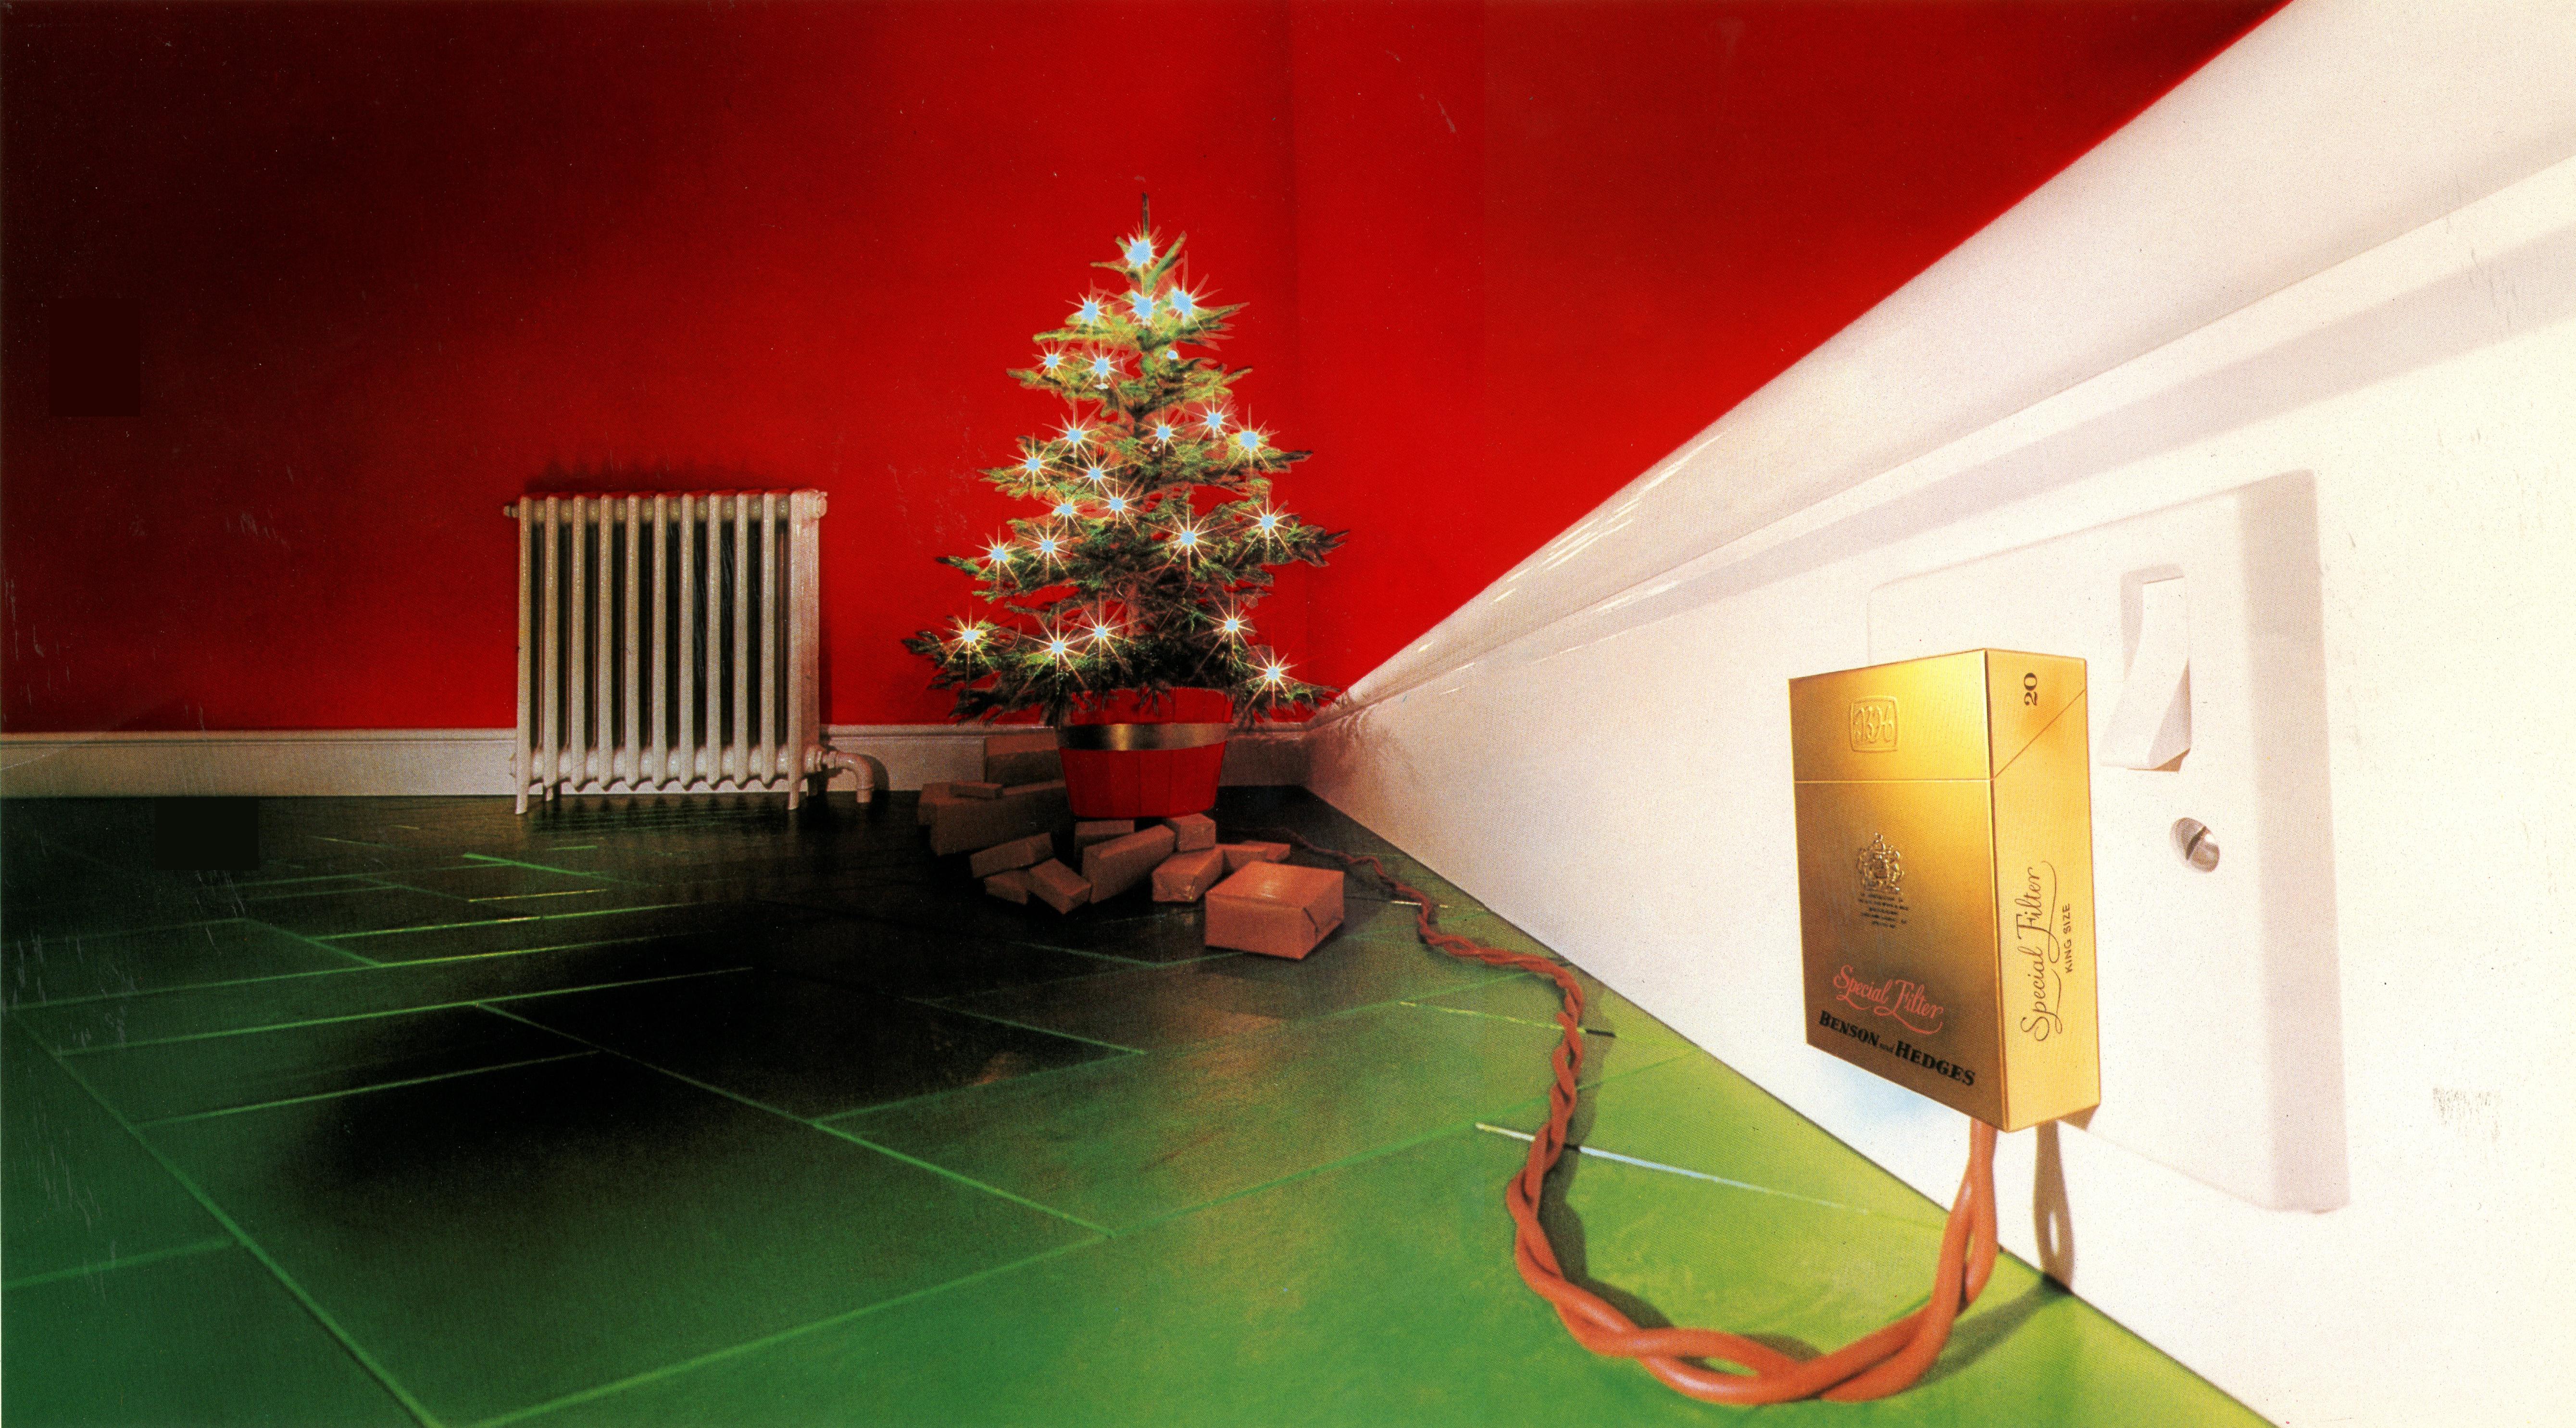 B&H Surreal 'Christmas Plug'-01